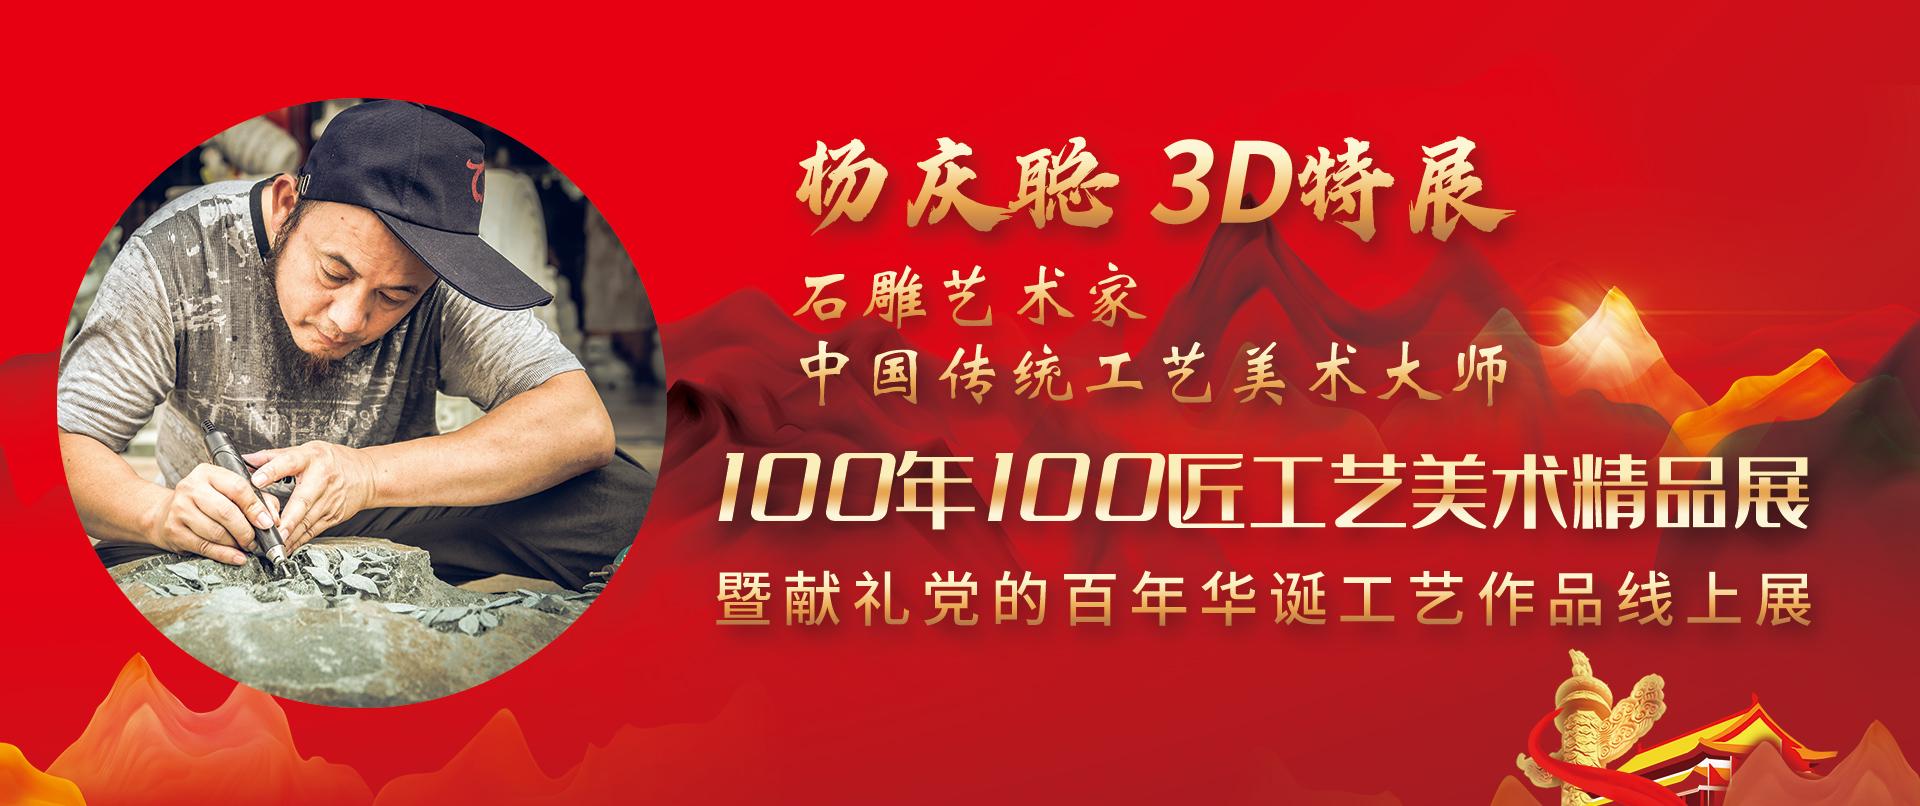 杨庆聪3D特展-100年100匠工艺美术精品展